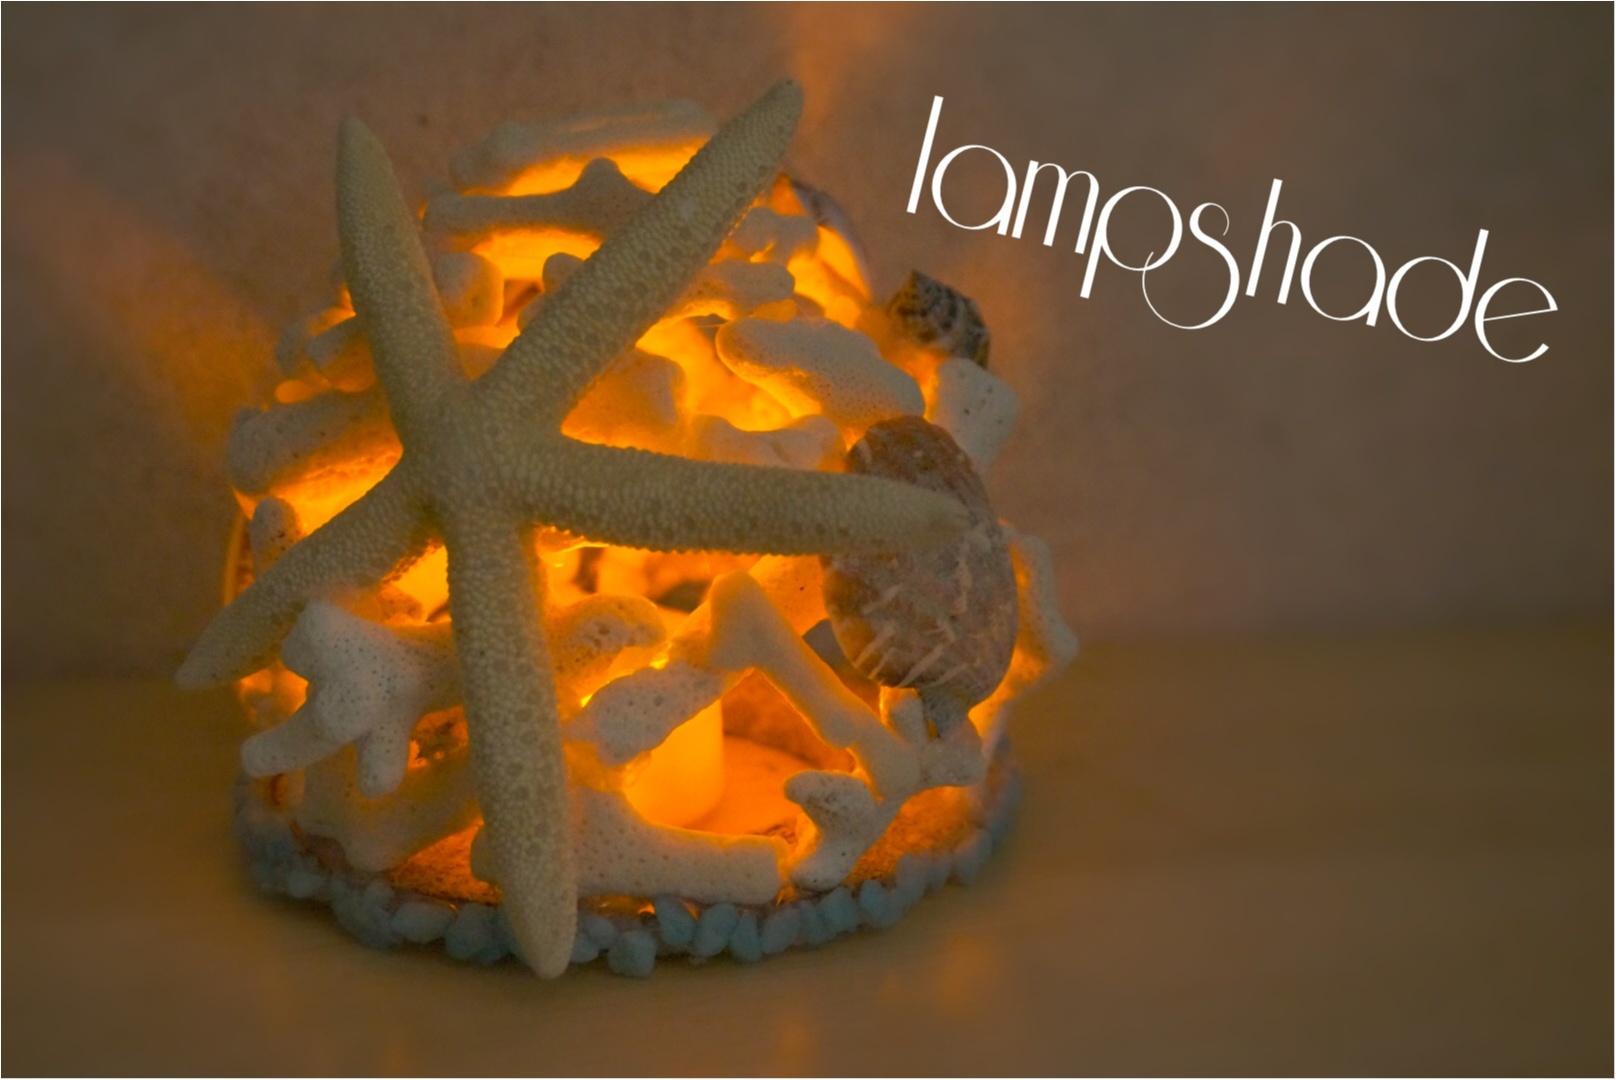 【ハンドメイド講座】大人の自由研究( ´艸`)⁉️枝珊瑚で作る夏物ランプシェード♡_8